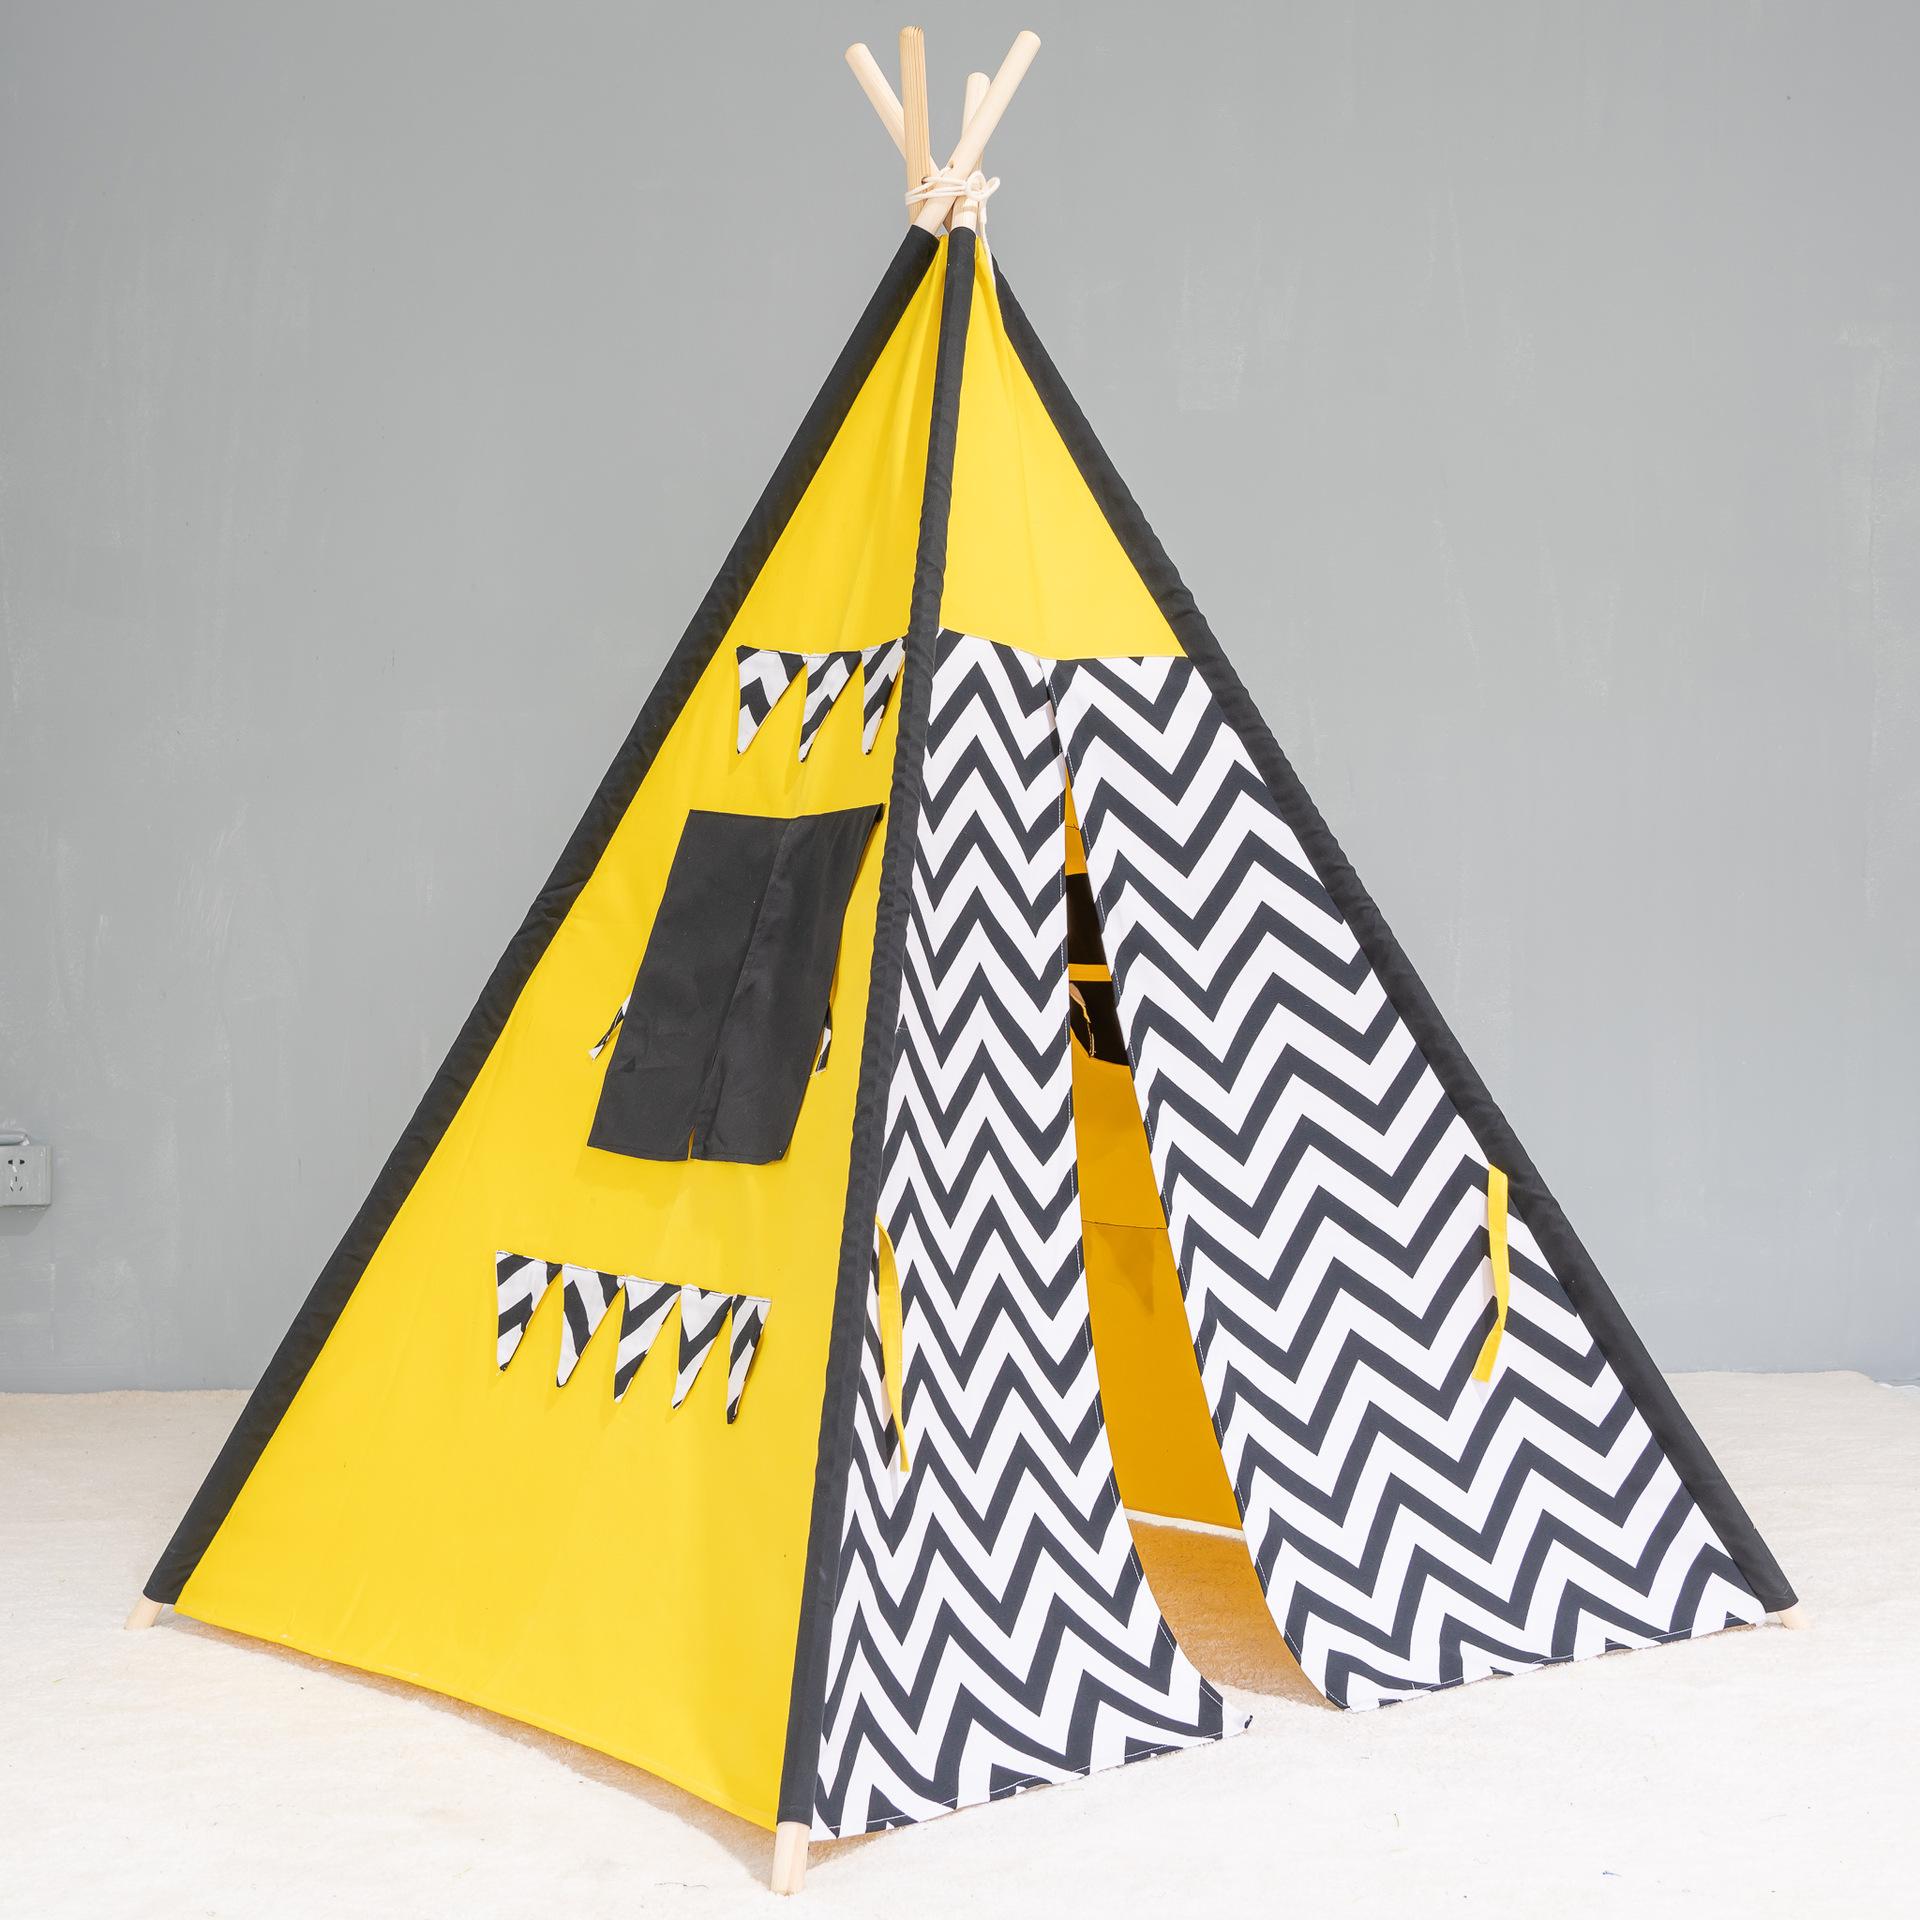 RuyiToys新款儿童玩具印第安帐篷游戏屋纯棉帆布公主房娃娃屋